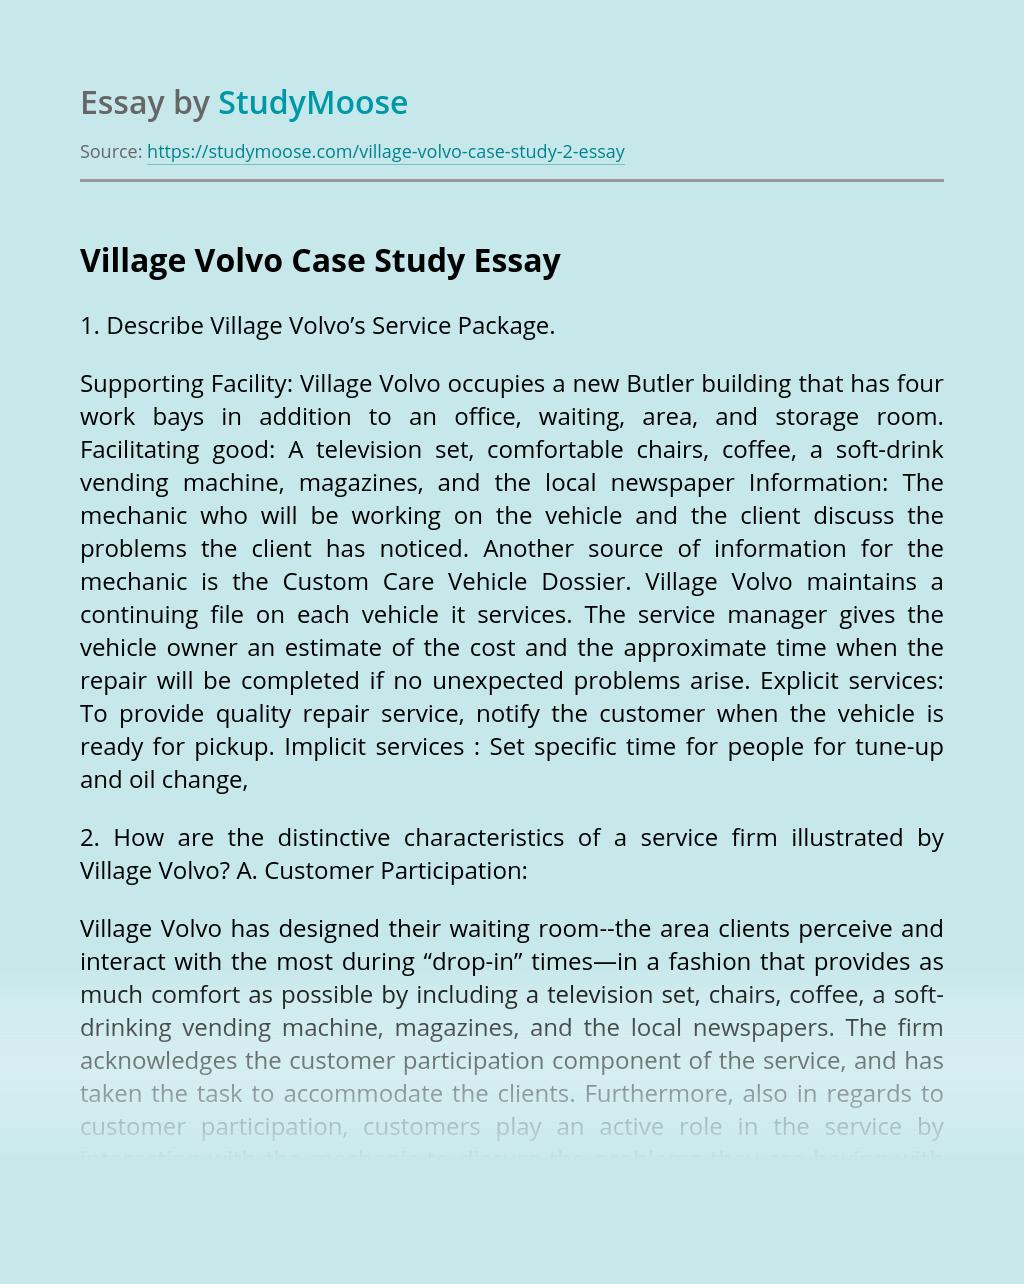 Village Volvo Case Study